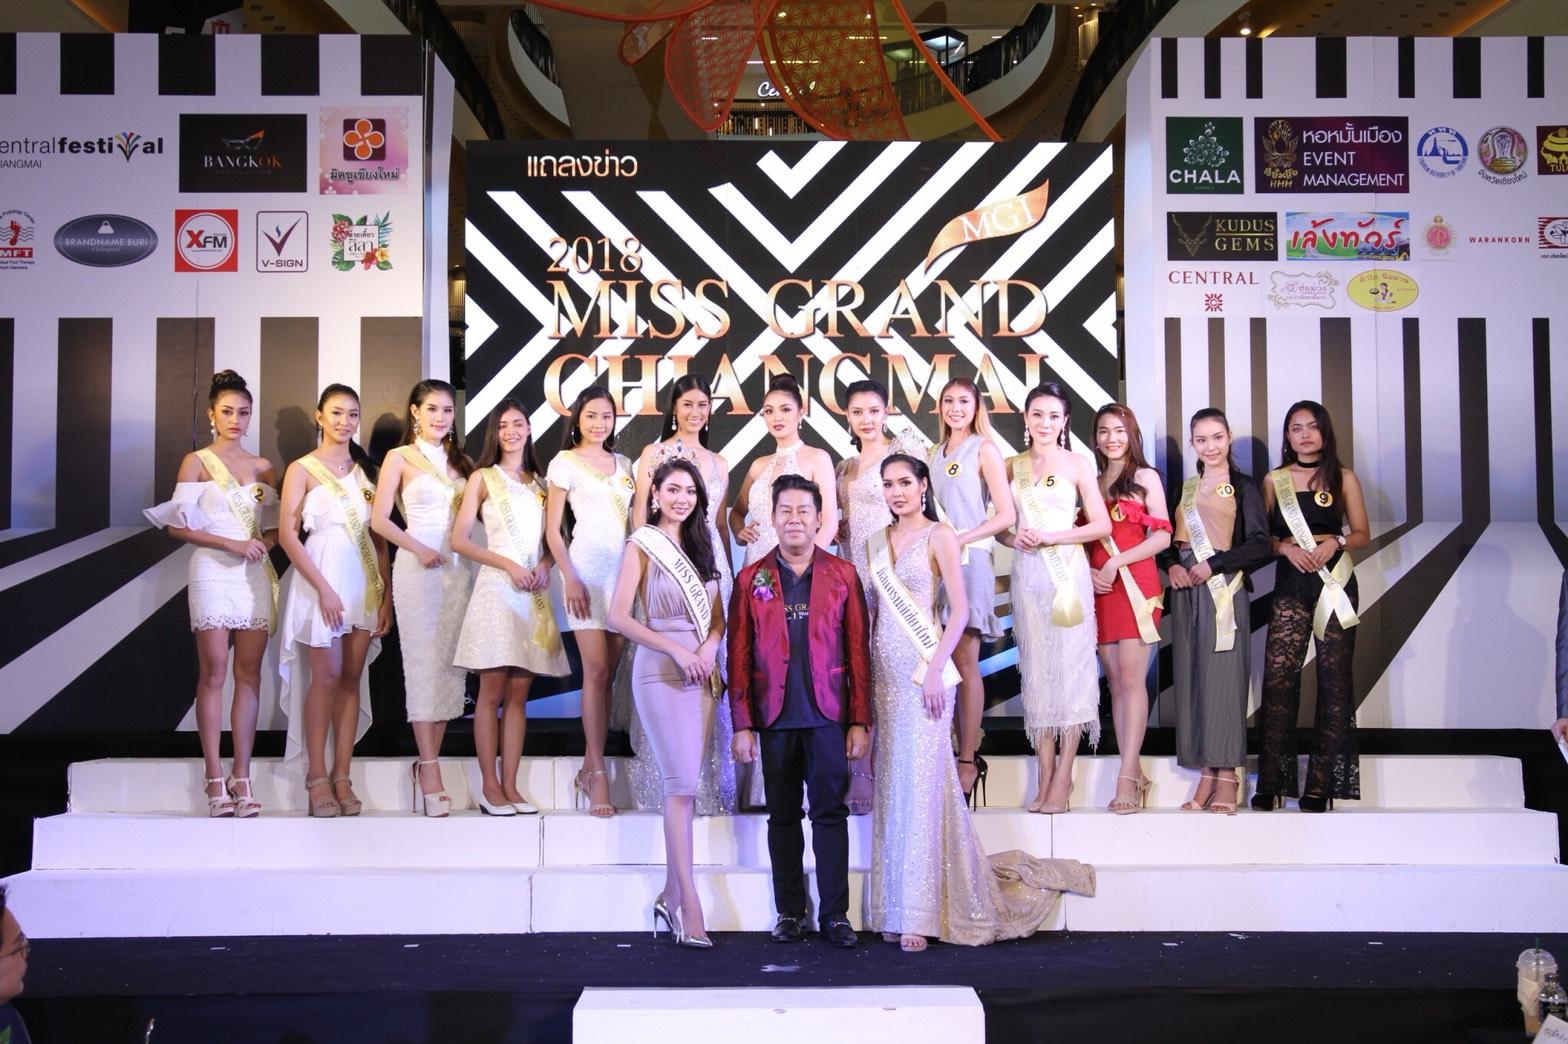 """""""หอหมั้นเมือง"""" เฉลิมฉลองเข้าสู่ปีที่ 15 จัดประกวด MISS GRAND Chiang Mai 2018 เจียระไนเพชรเม็ดงาม เพื่อคัดเลือกสุดยอดเพียงหนึ่งเดียวเข้าชิงระดับประเทศ"""